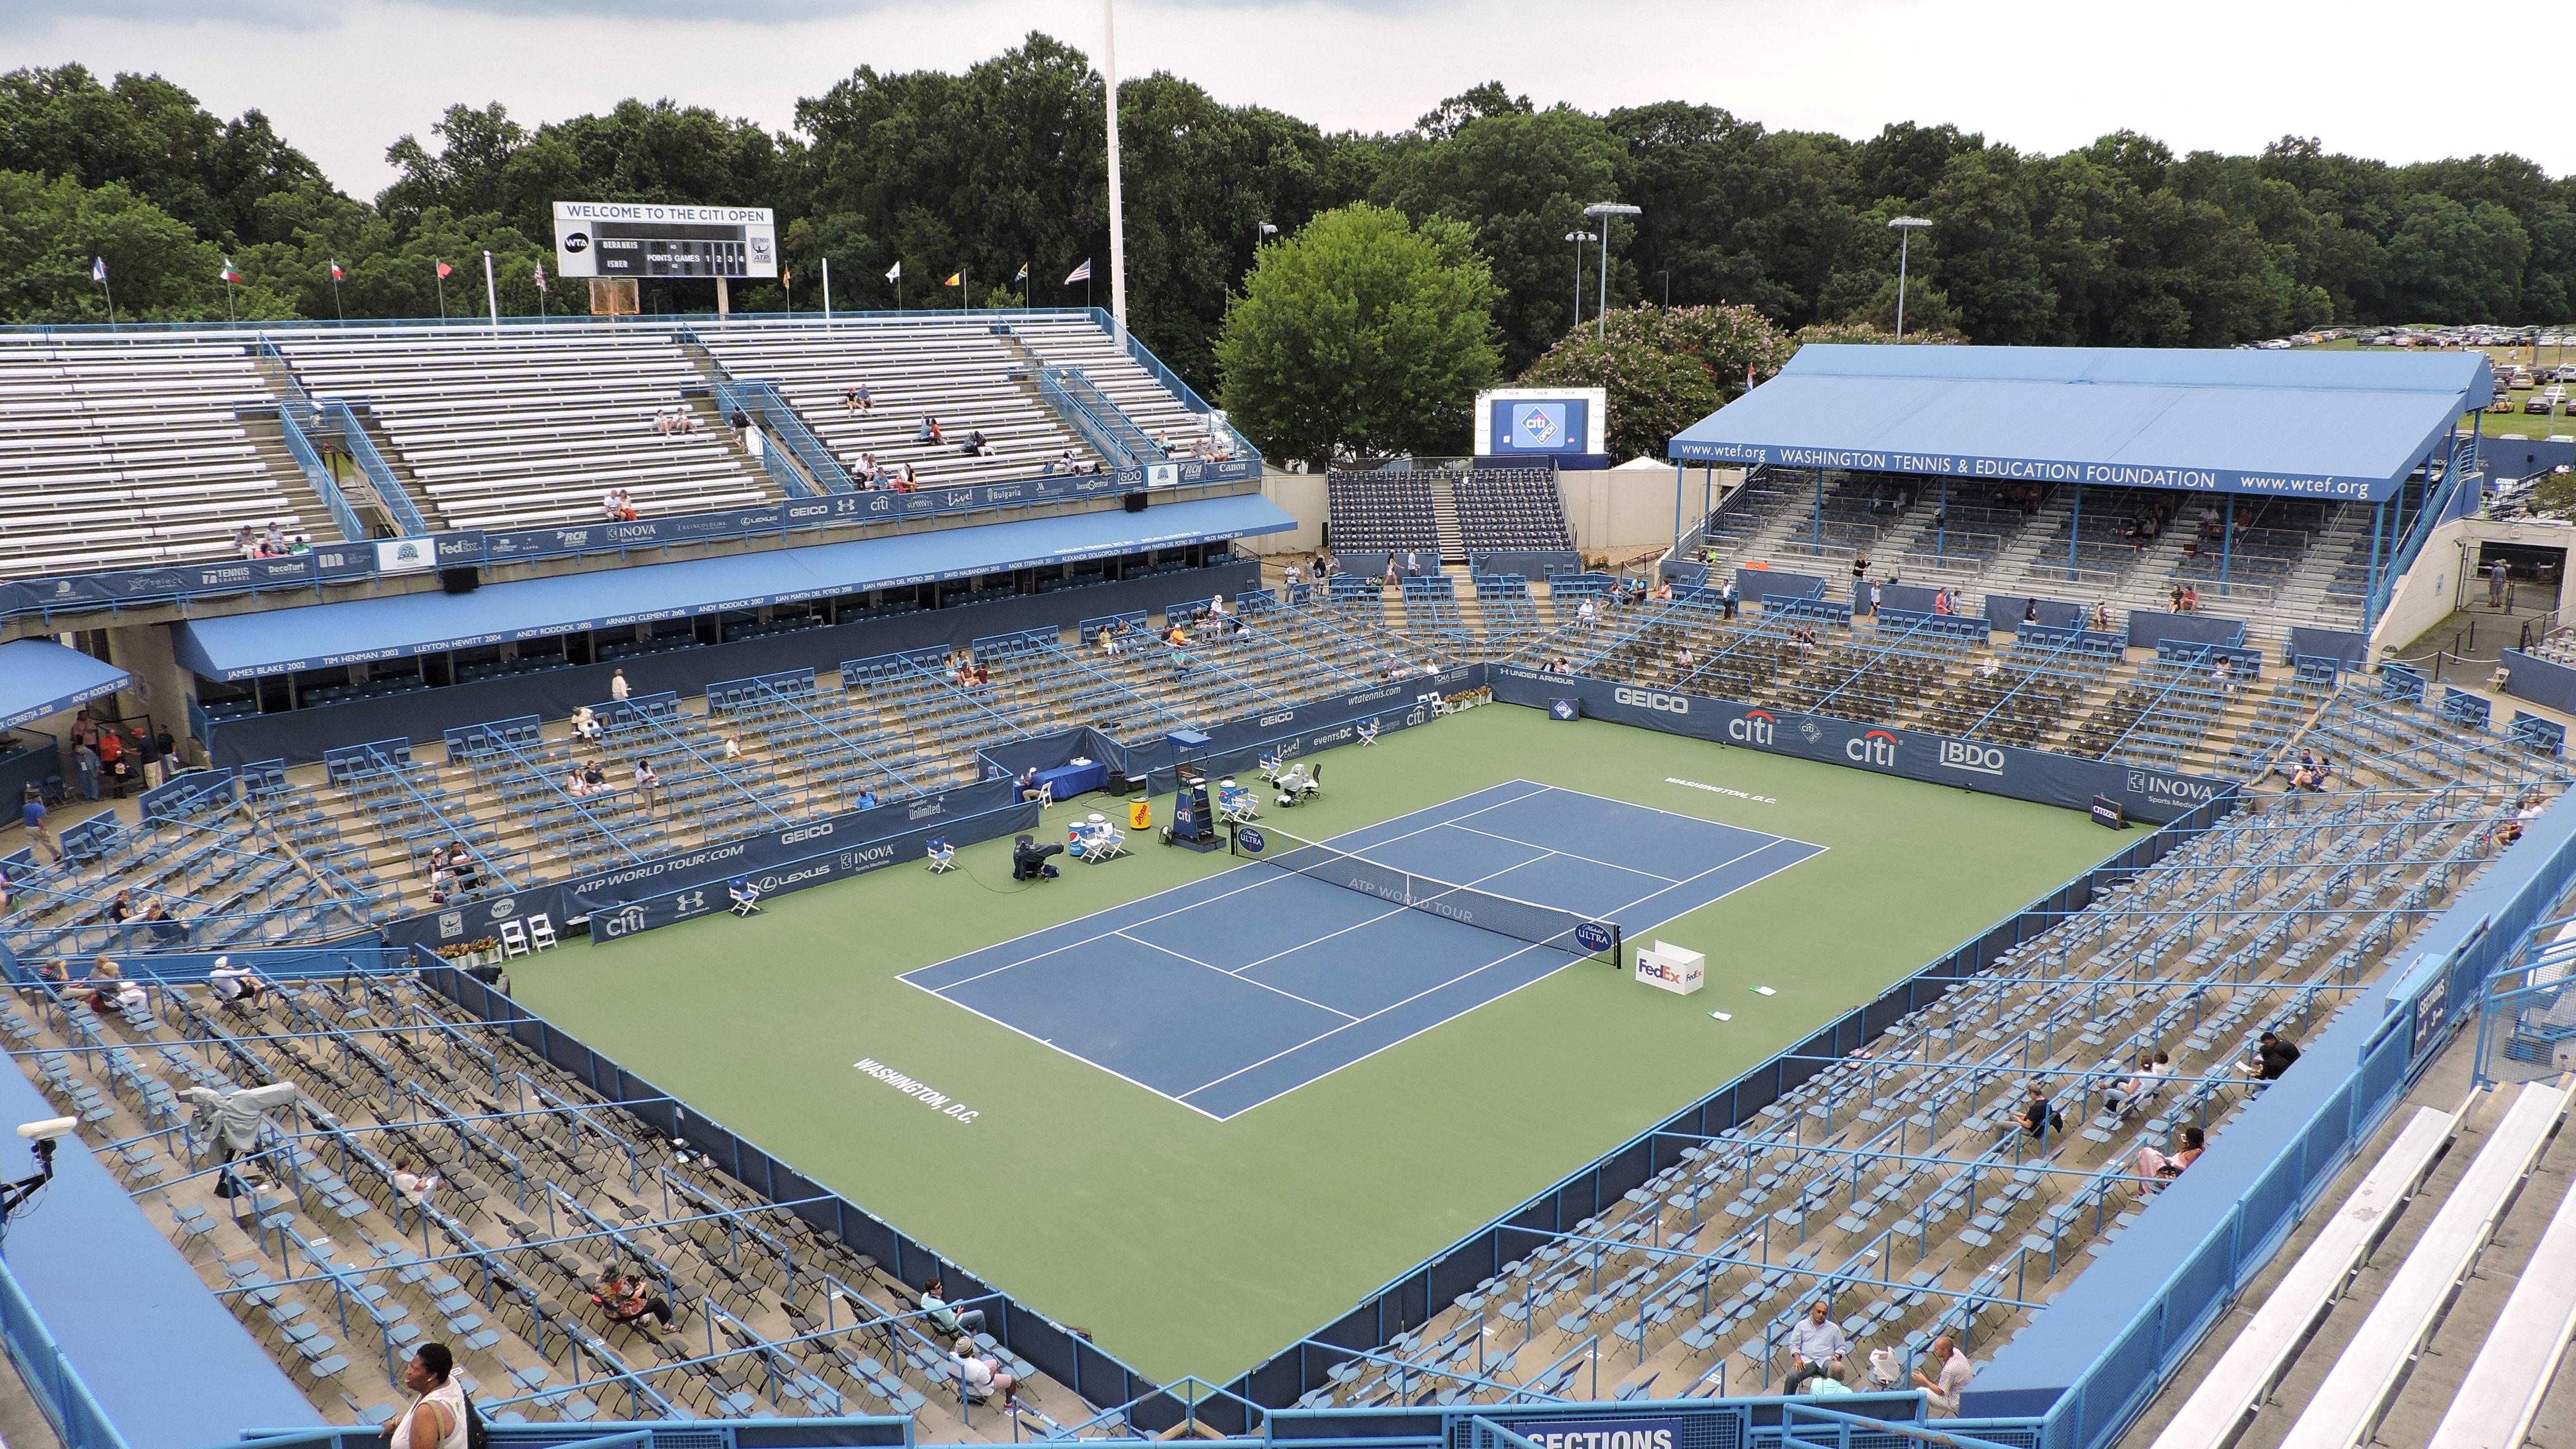 160 Rock Creek Park Tennis Center 171 Stadium And Arena Visits